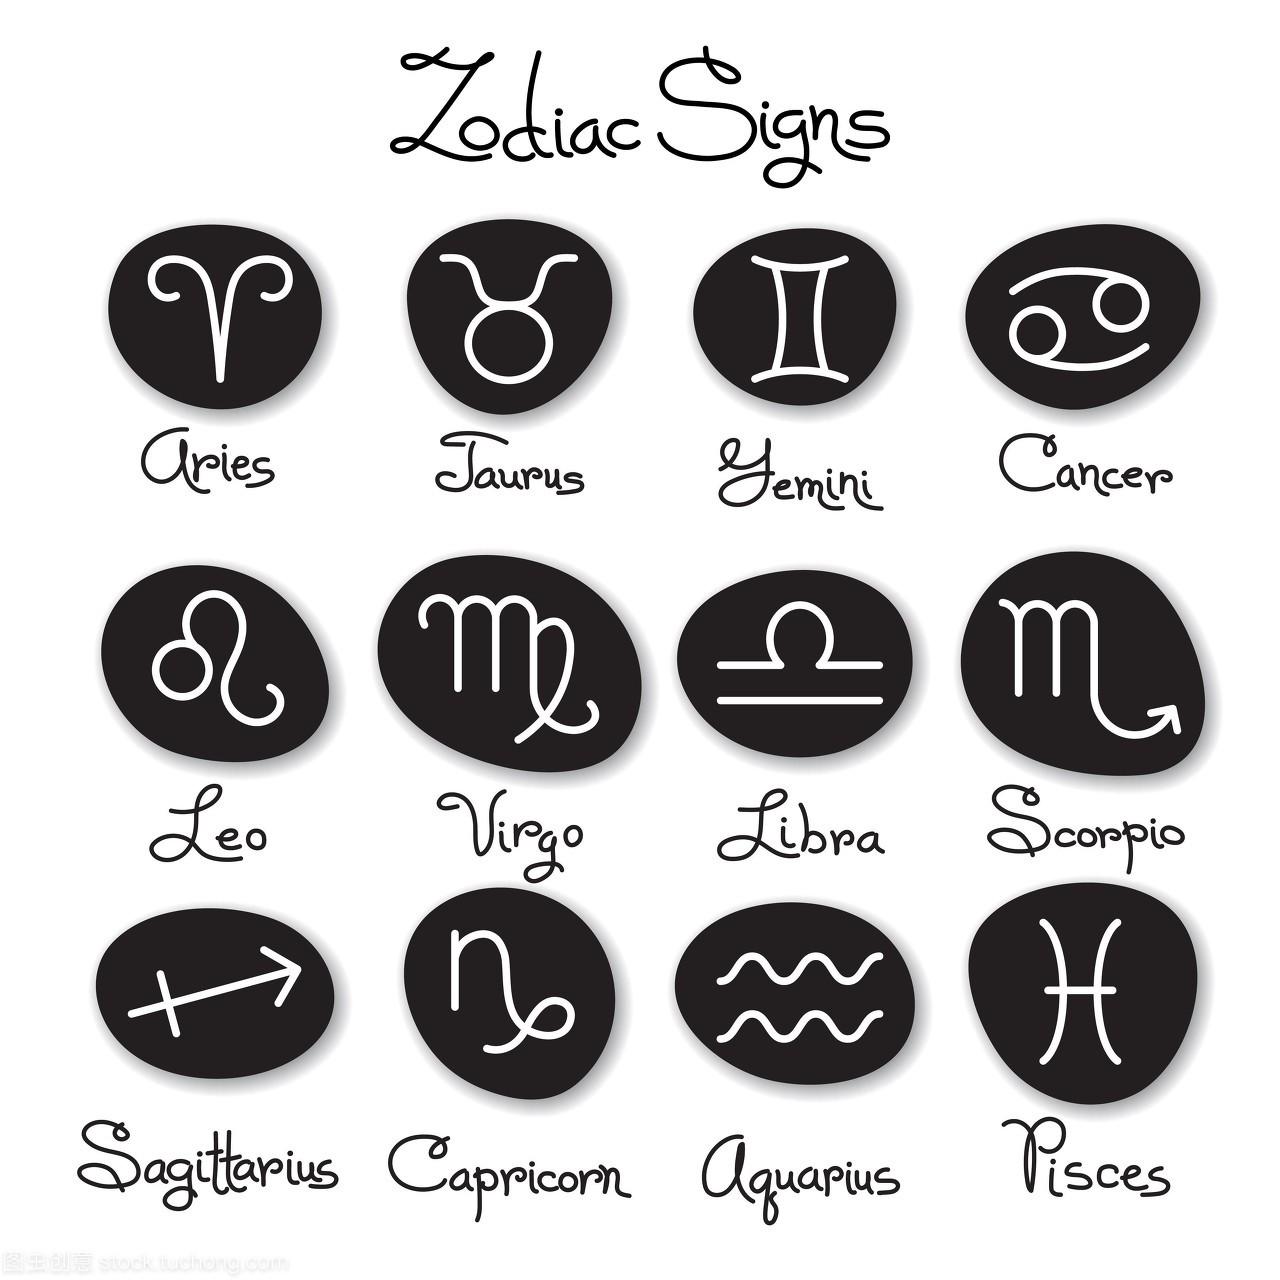 水瓶座,占卜,天秤座,摩蝎座,天蝎座,标志座,处女双子座拿哪个星座无奈图片